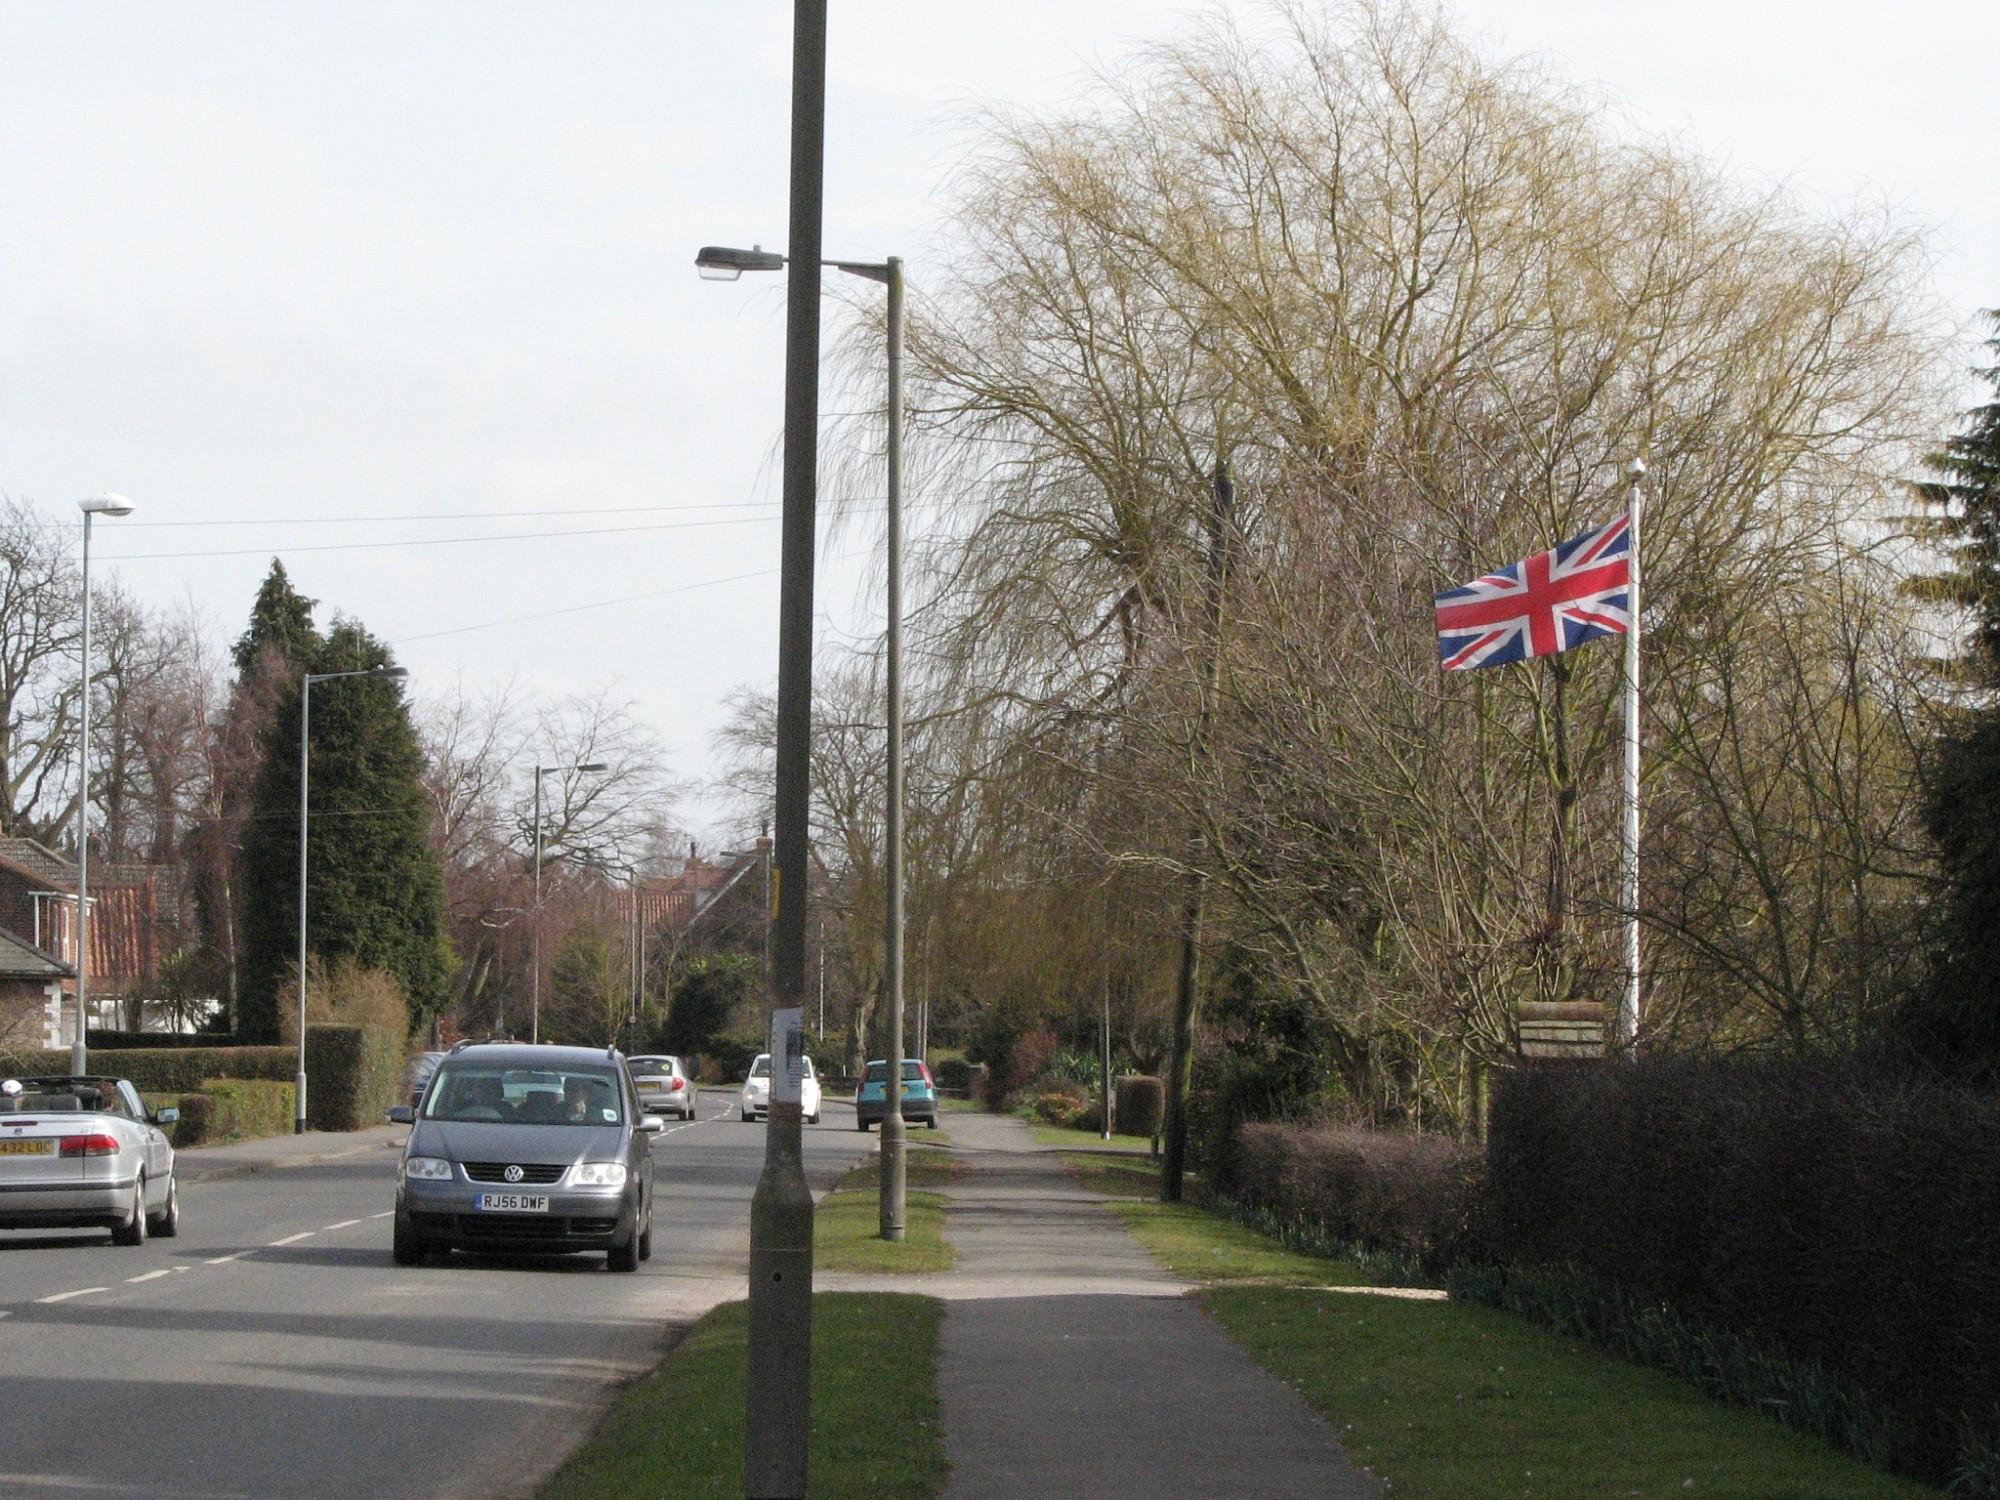 Anglijā dzīvojošie latvieši baidās, metro vietā izvēlas taksi